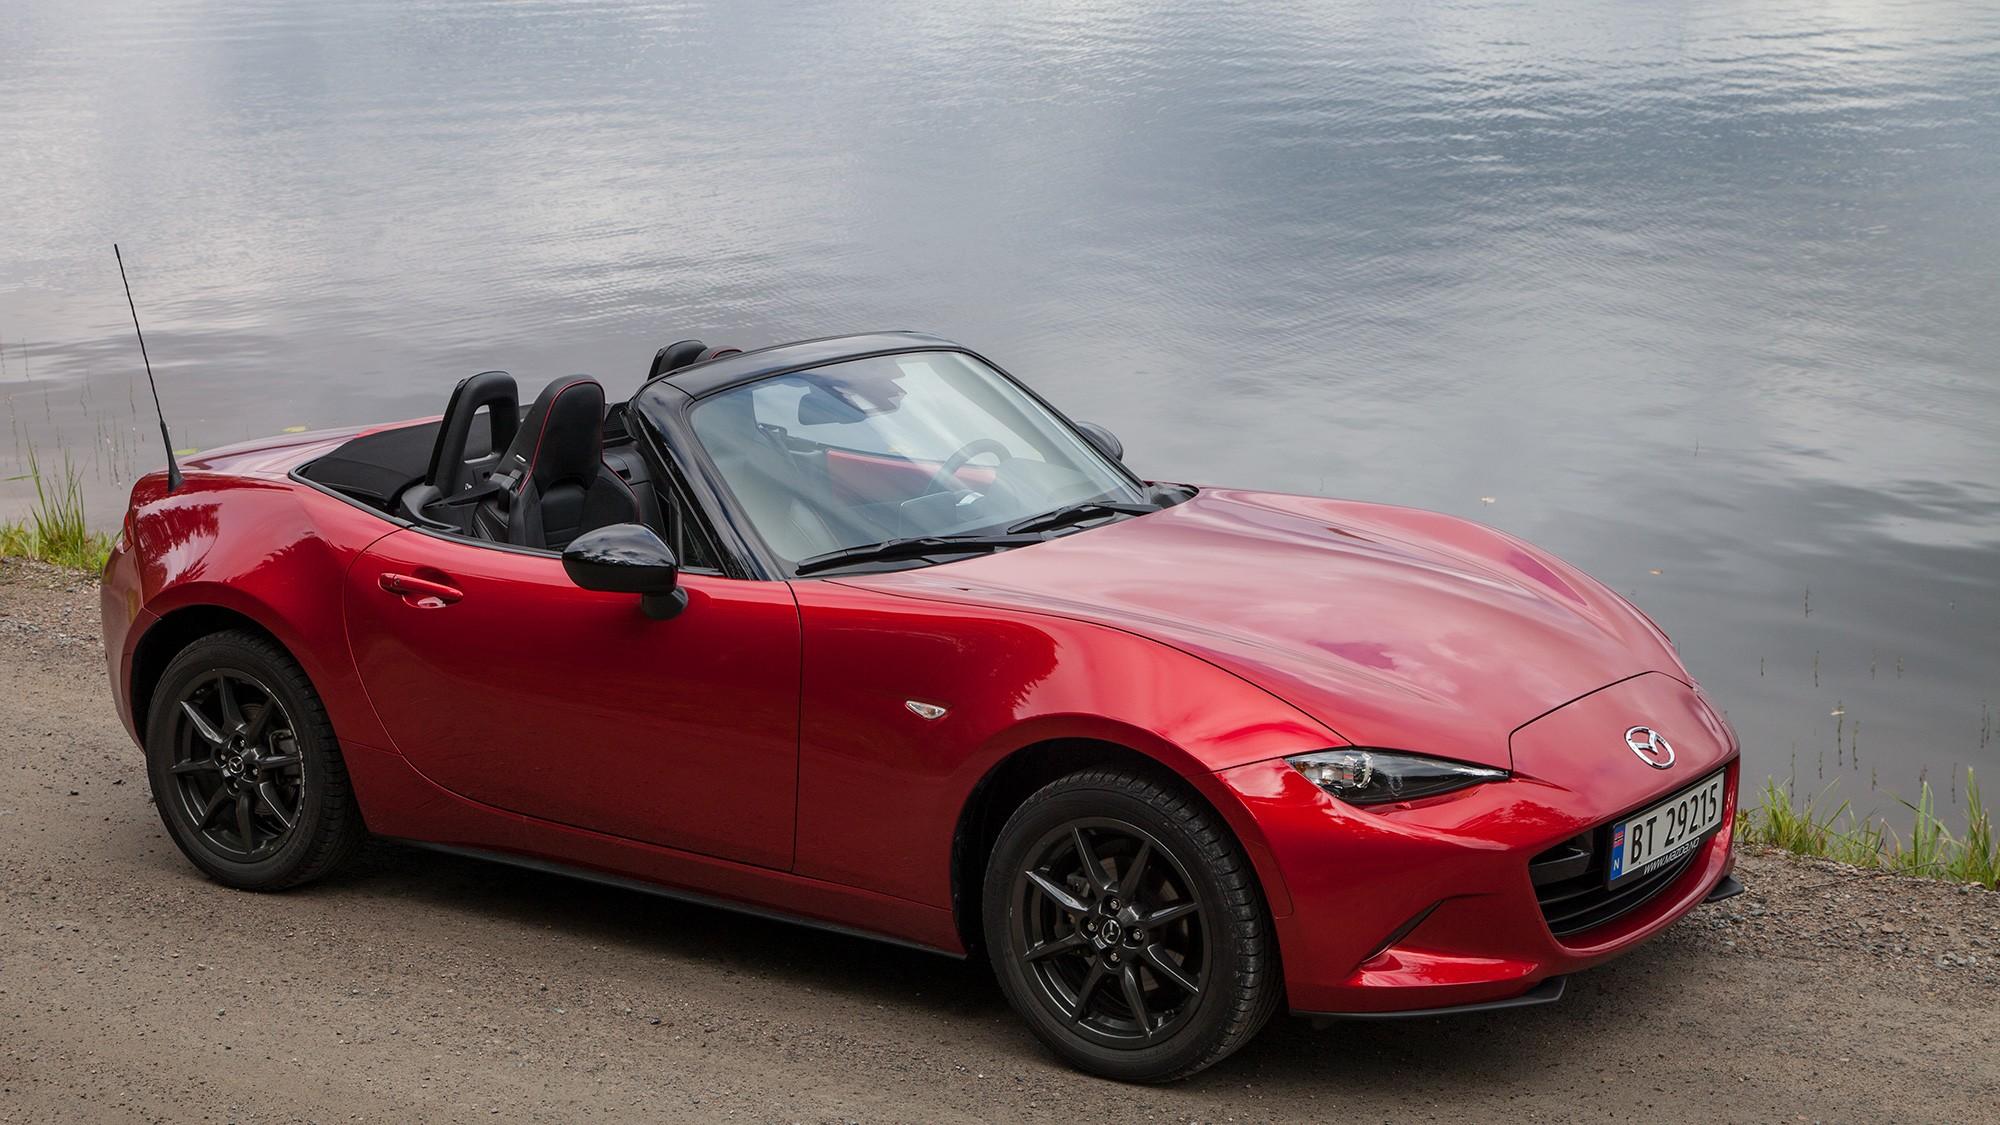 SNERTEN: Nye Mazda MX-5 er en snerten liten roadster med stort fokus på kjøreglede uten store kostnader.